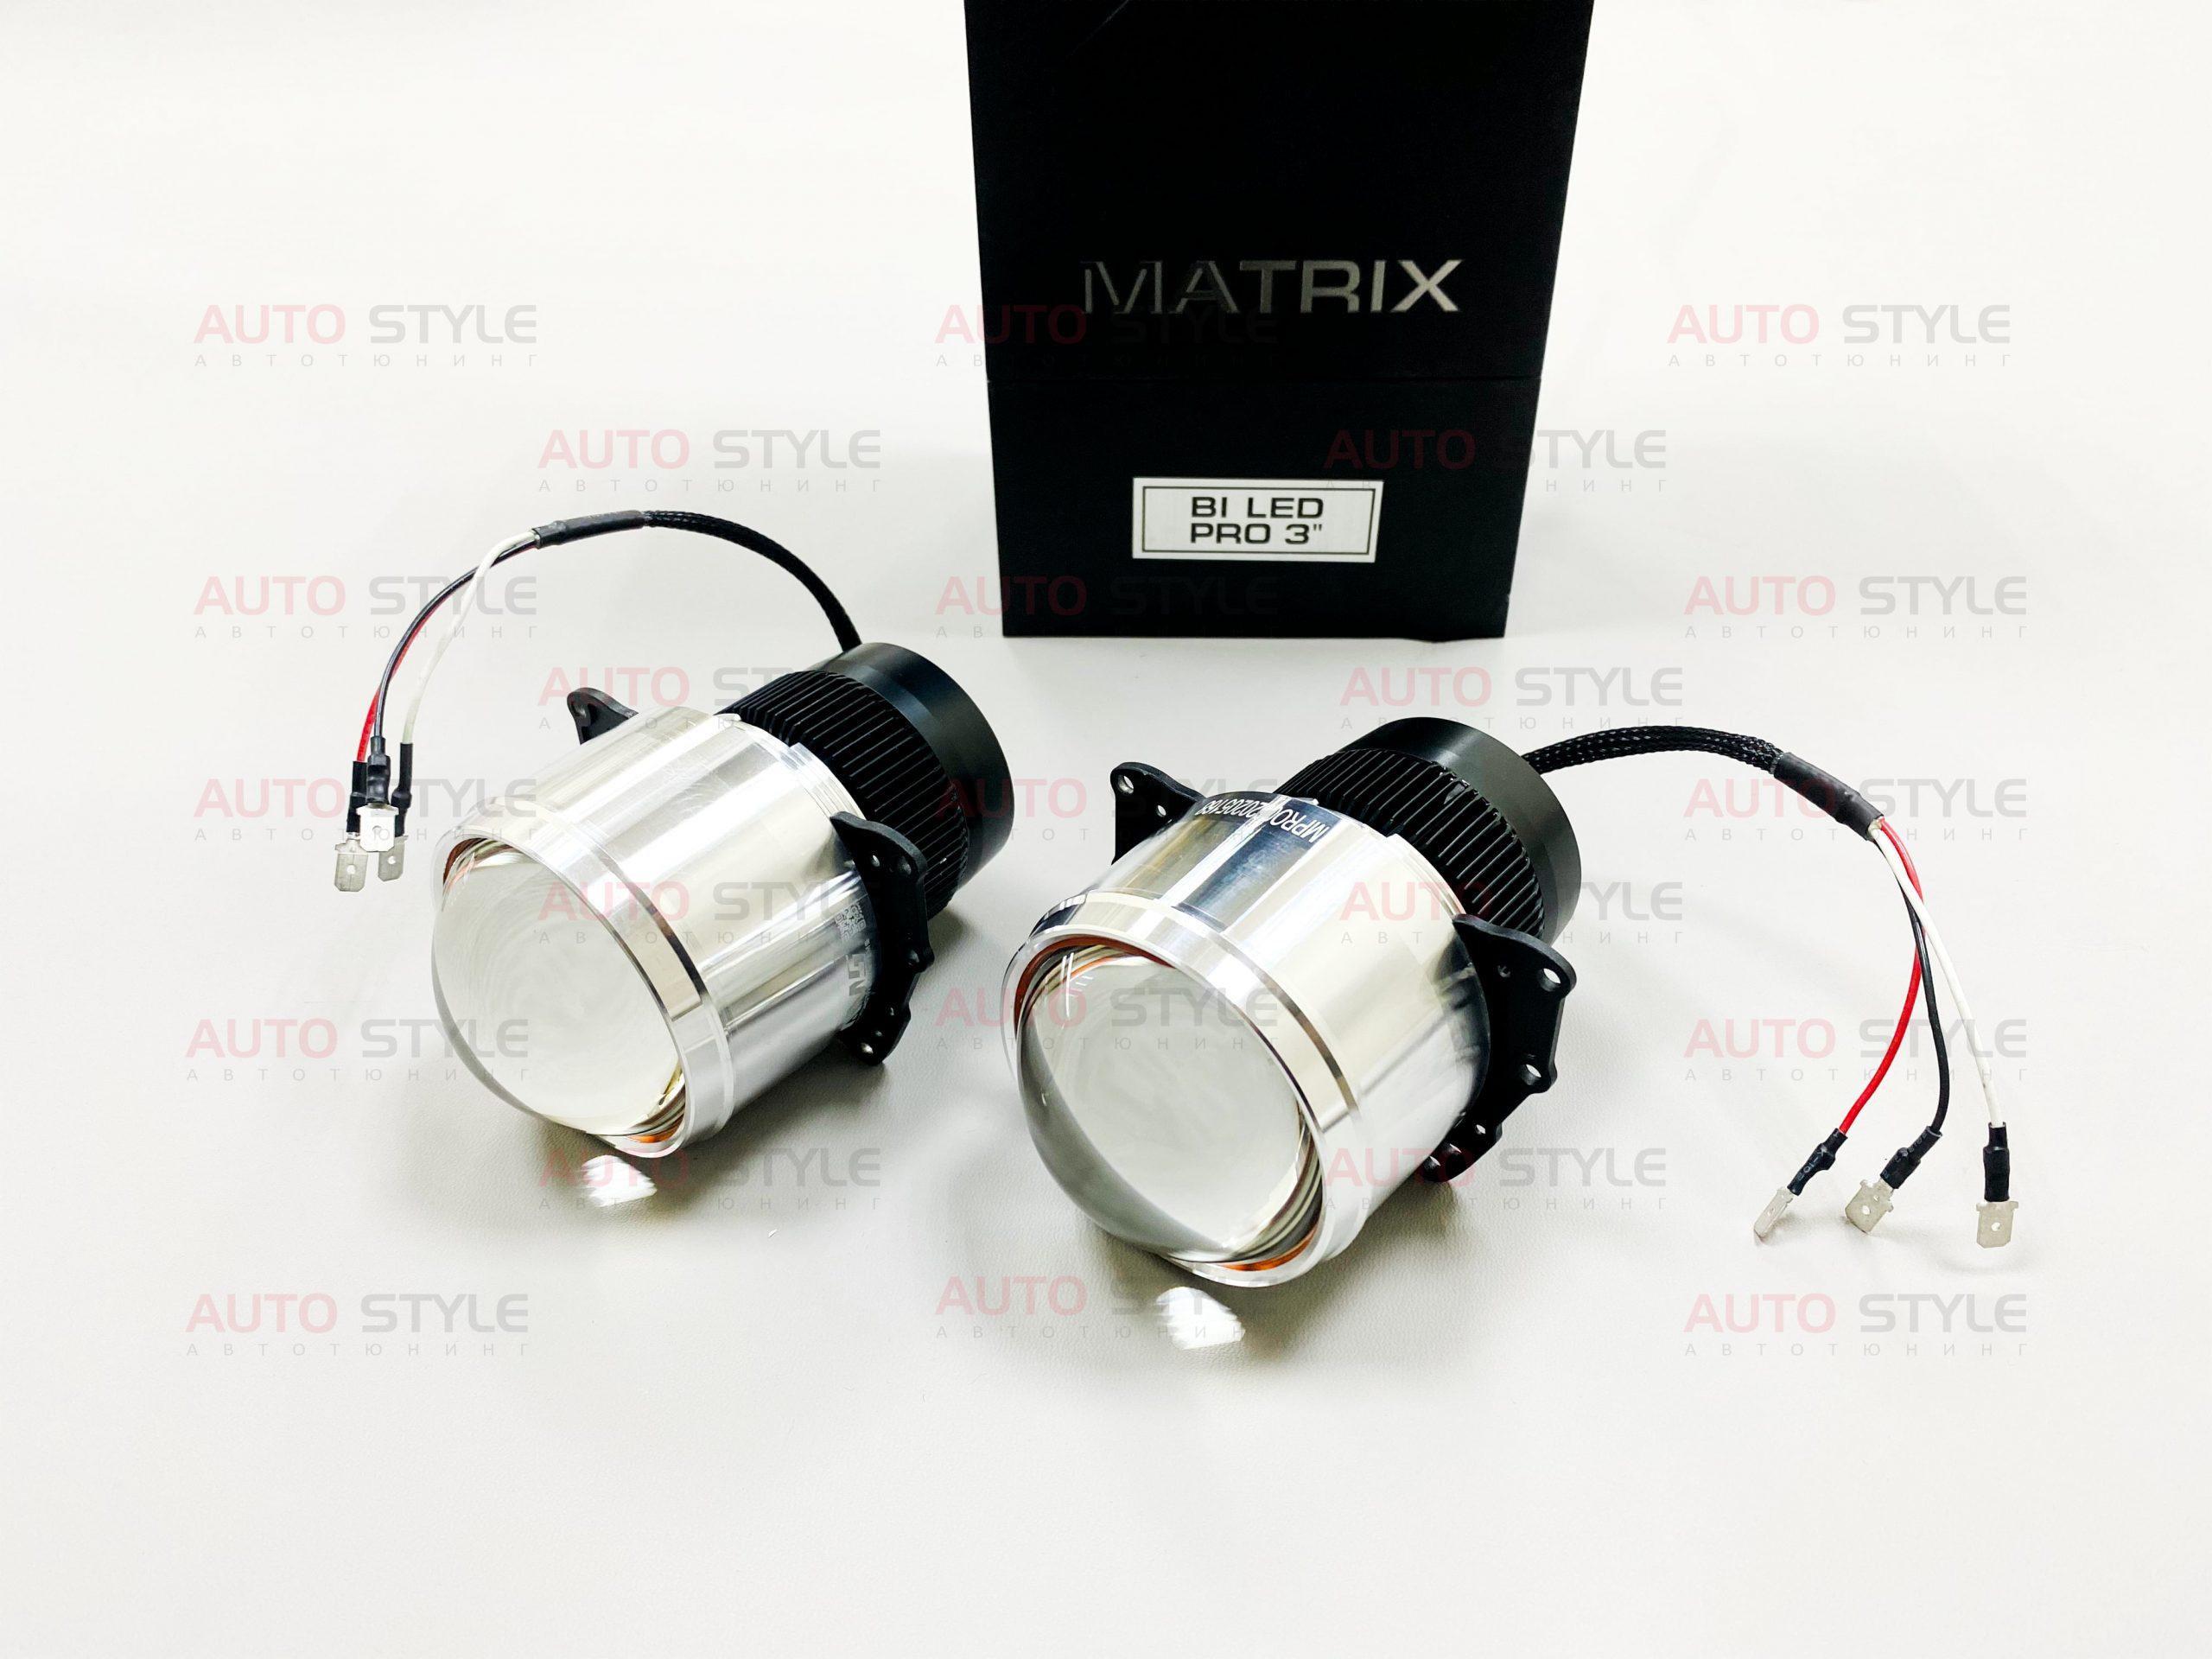 Светодиодные Линзы AMS Bi-LED i5s Matrix 3″ Pro Светодиодные Линзы AMS Bi-LED i5s Matrix 3″ Pro